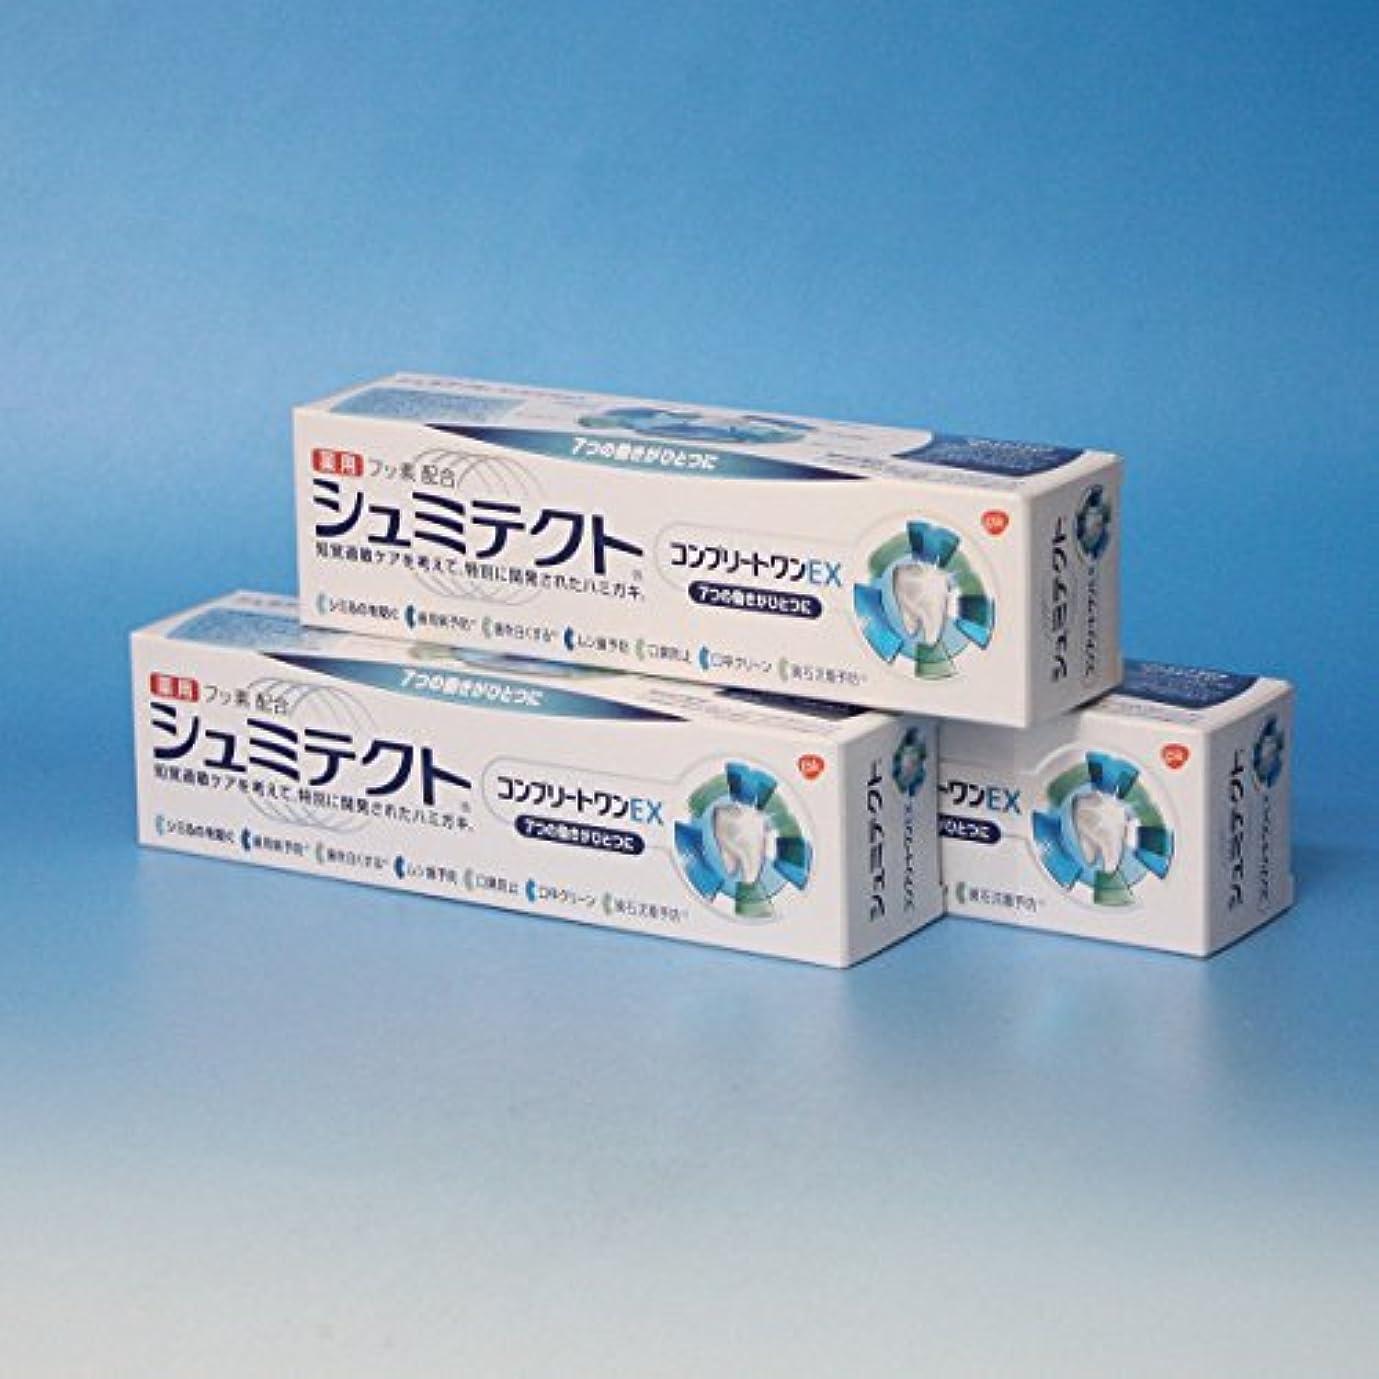 ヘッジ真実にコテージ【アース製薬】シュミテクトコンプリートワンEX 90g ×3個セット